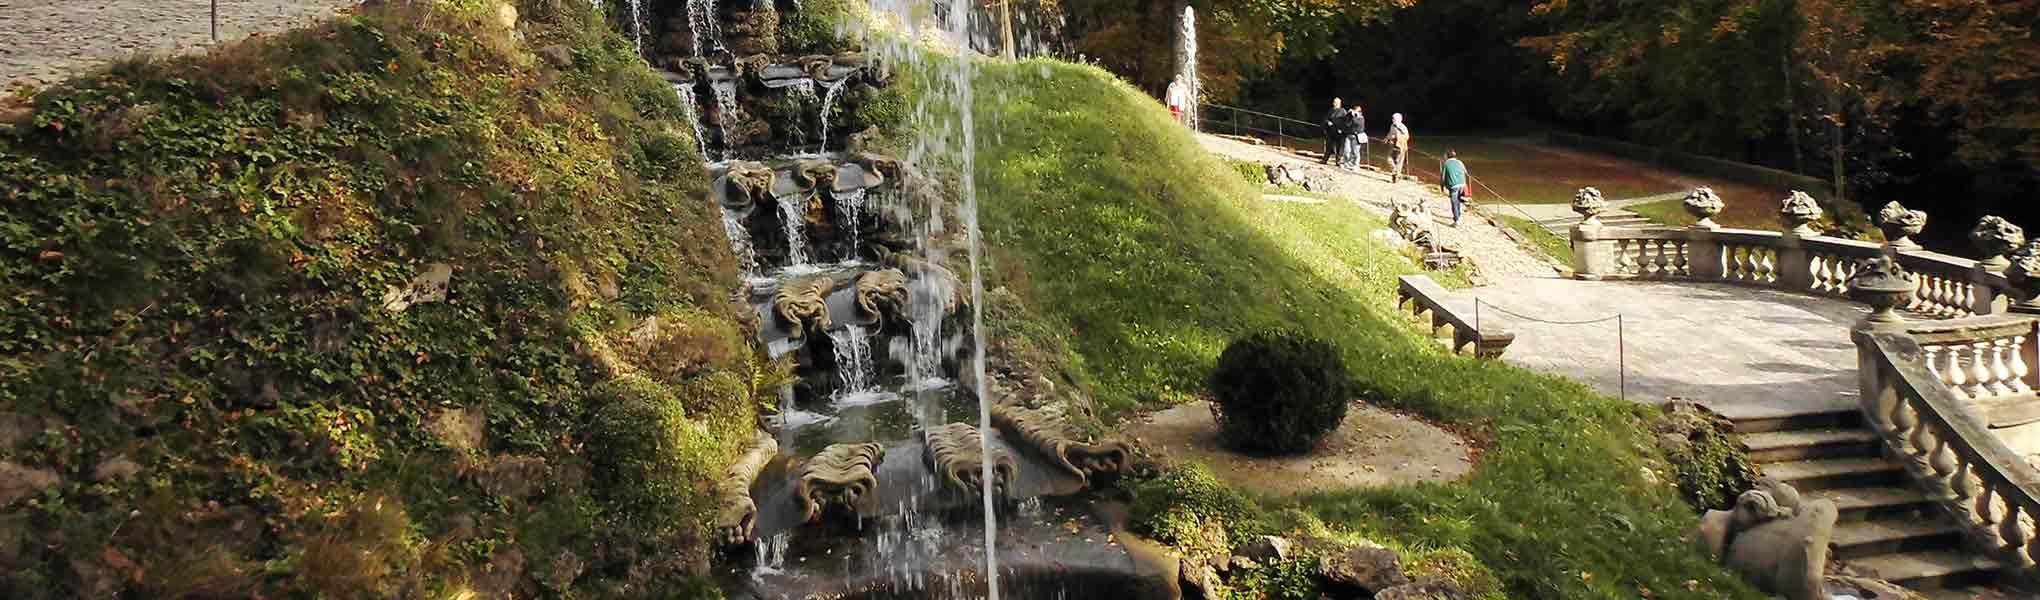 Schlosspark von Schloss Fantaisie in Eckersdorf-Donndorf